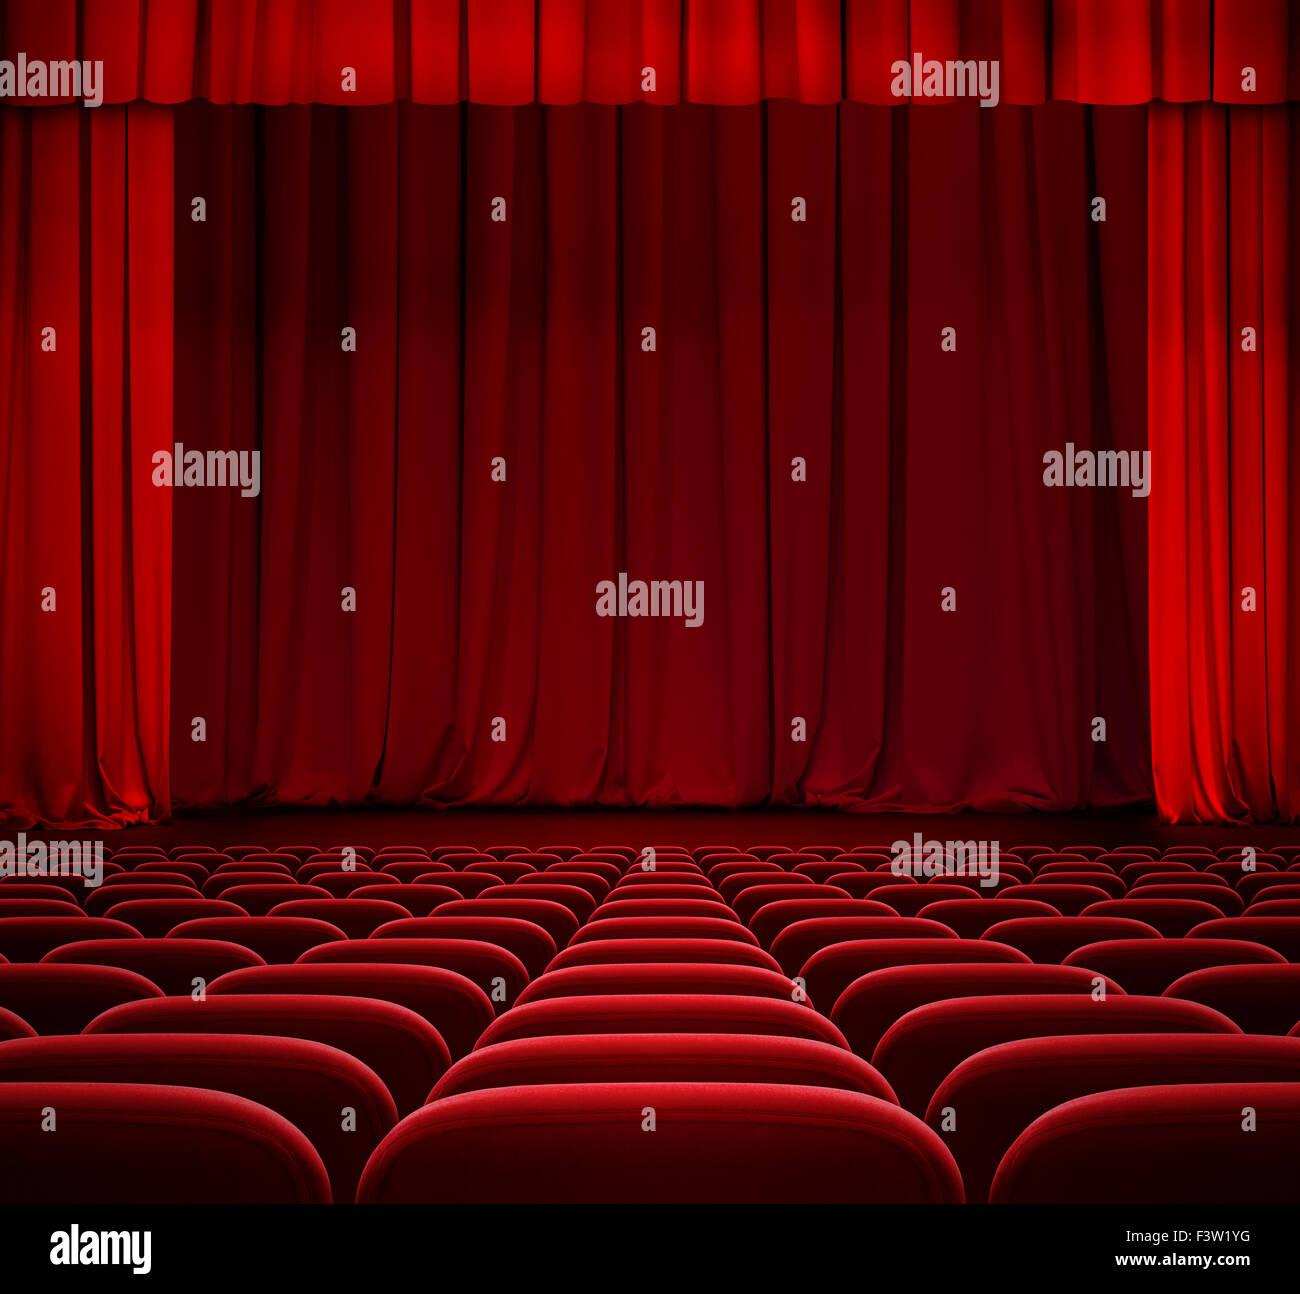 Rideau Rouge Sur Scène De Théâtre Avec Des Sièges En Velours Rouge